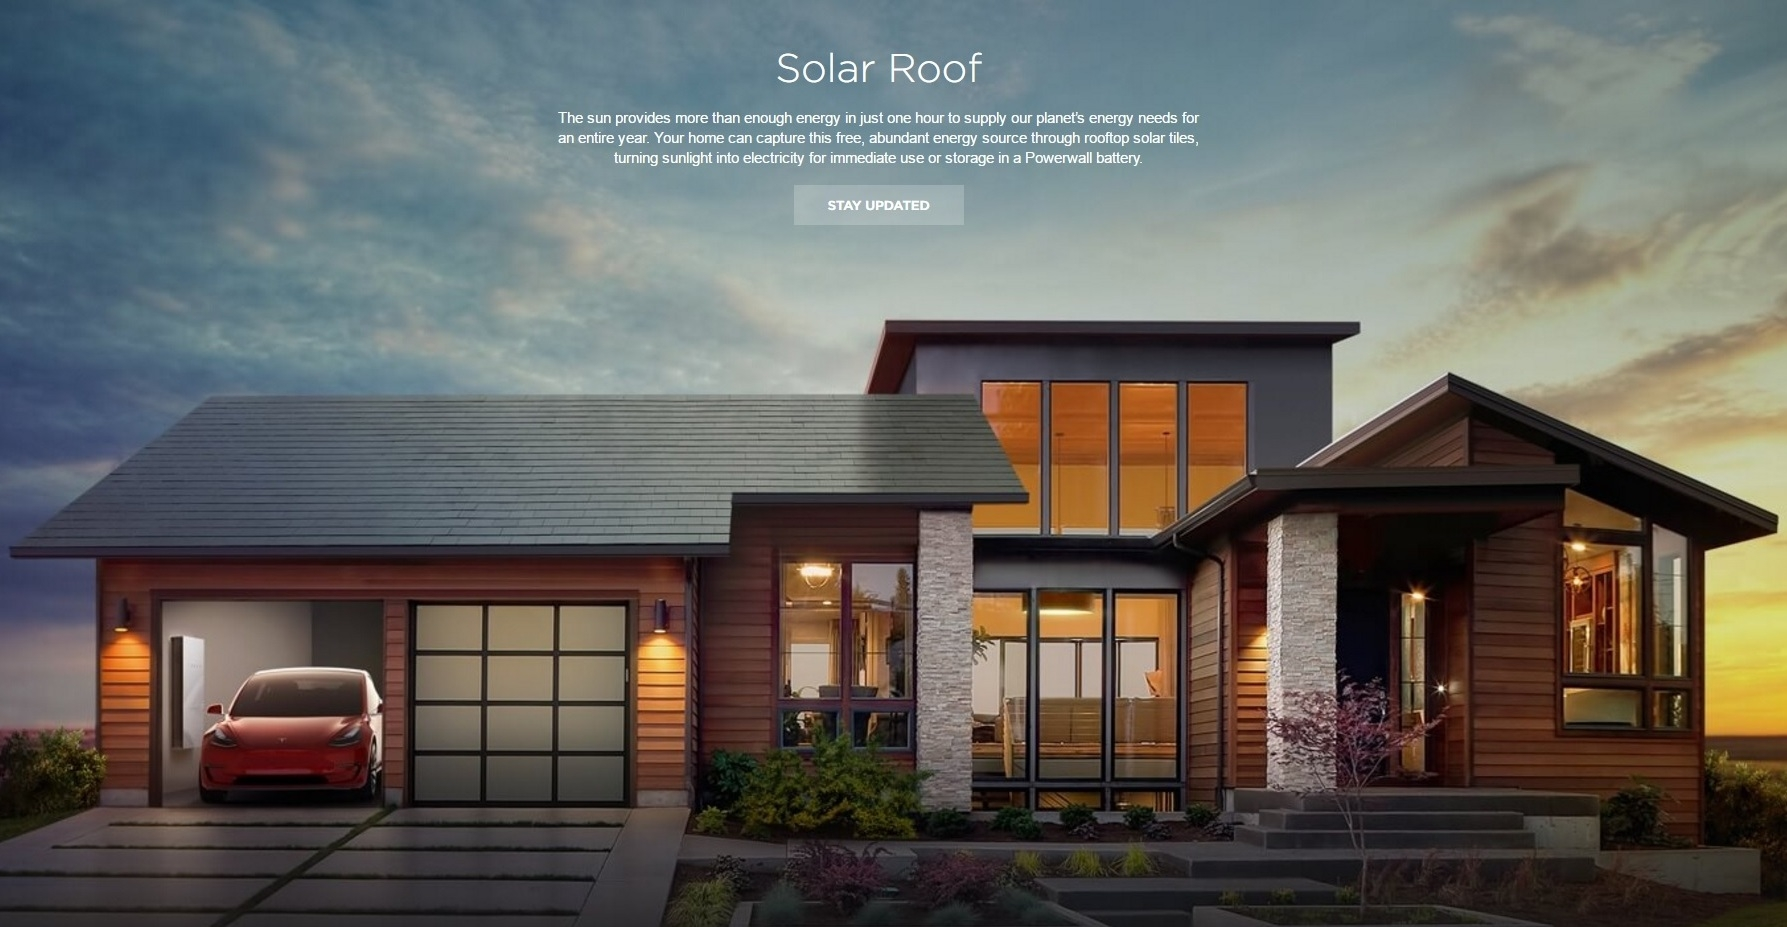 «Солнечная крыша»Tesla обойдётся дешевле обычной кровли